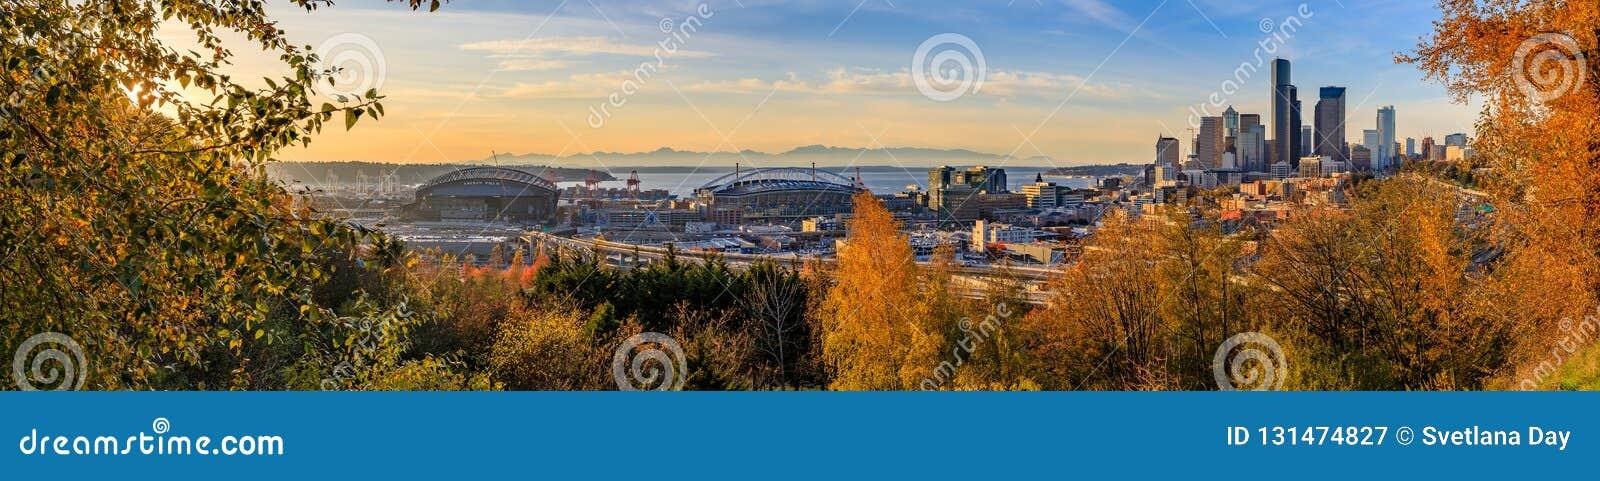 Panorama von im Stadtzentrum gelegenen Skylinen Seattles bei Sonnenuntergang im Fall mit gelbem Laub im Vordergrund von Dr. Jose